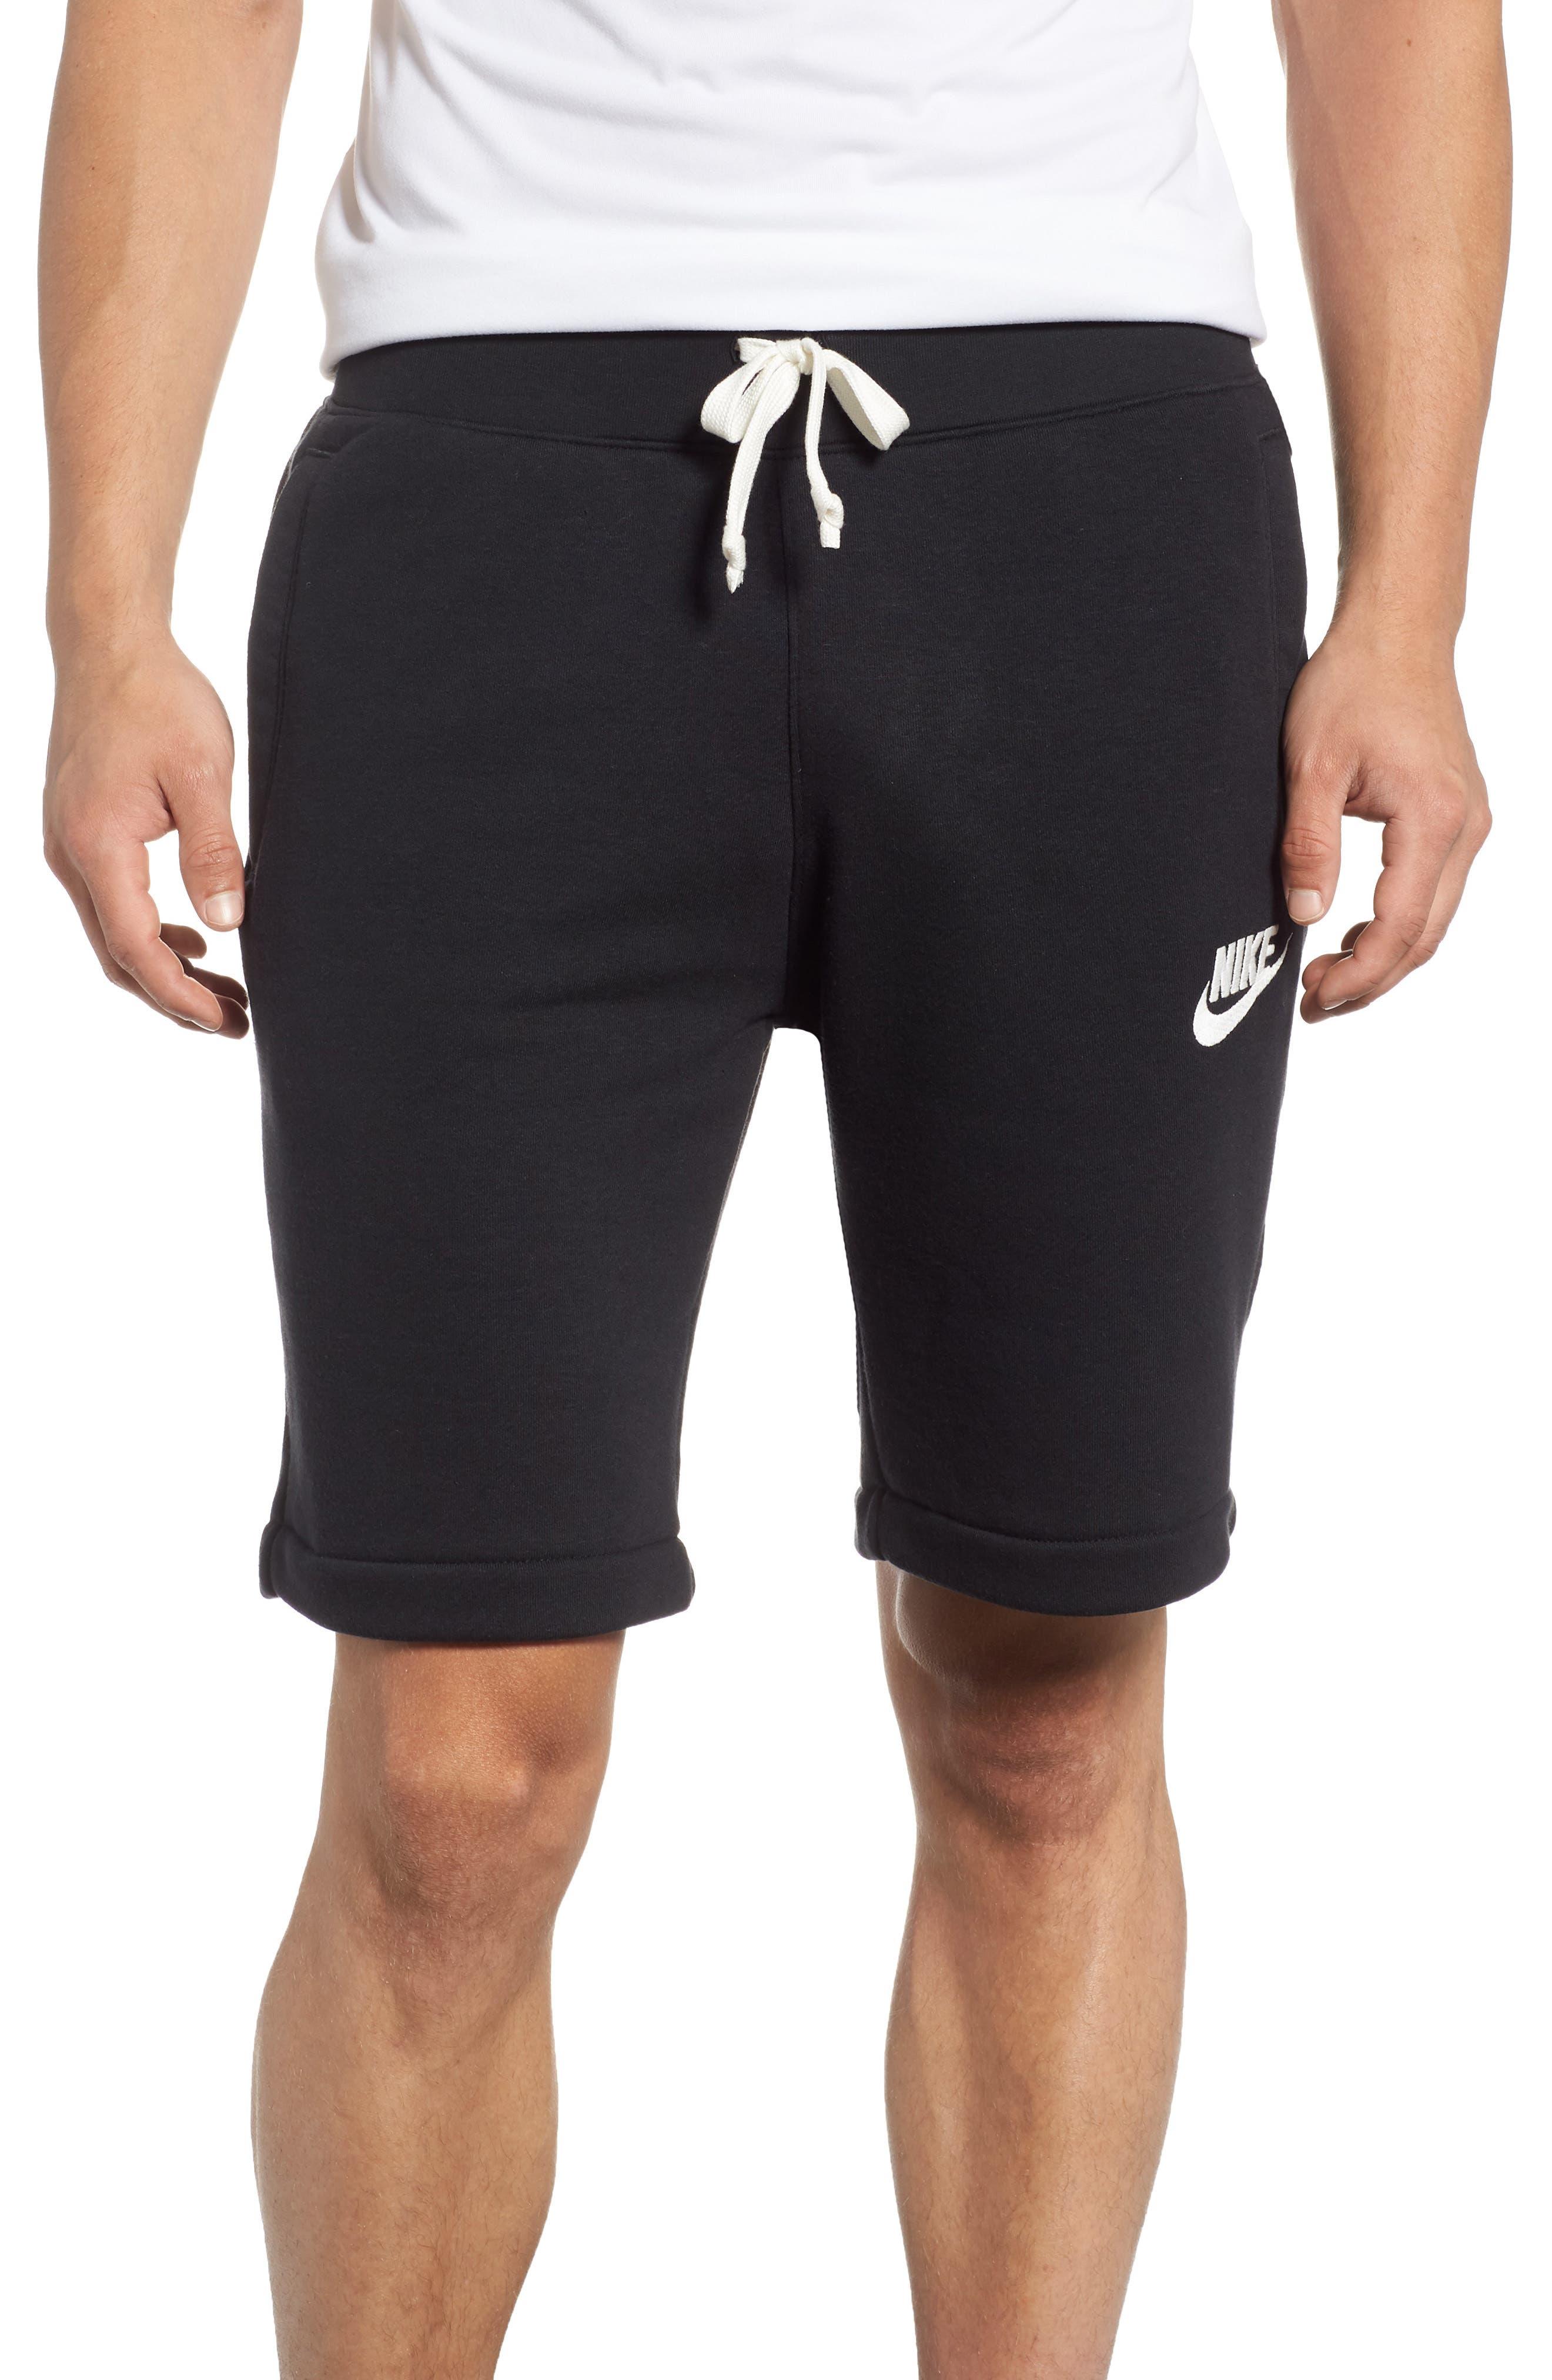 Heritage Knit Shorts,                         Main,                         color, BLACK/ SAIL